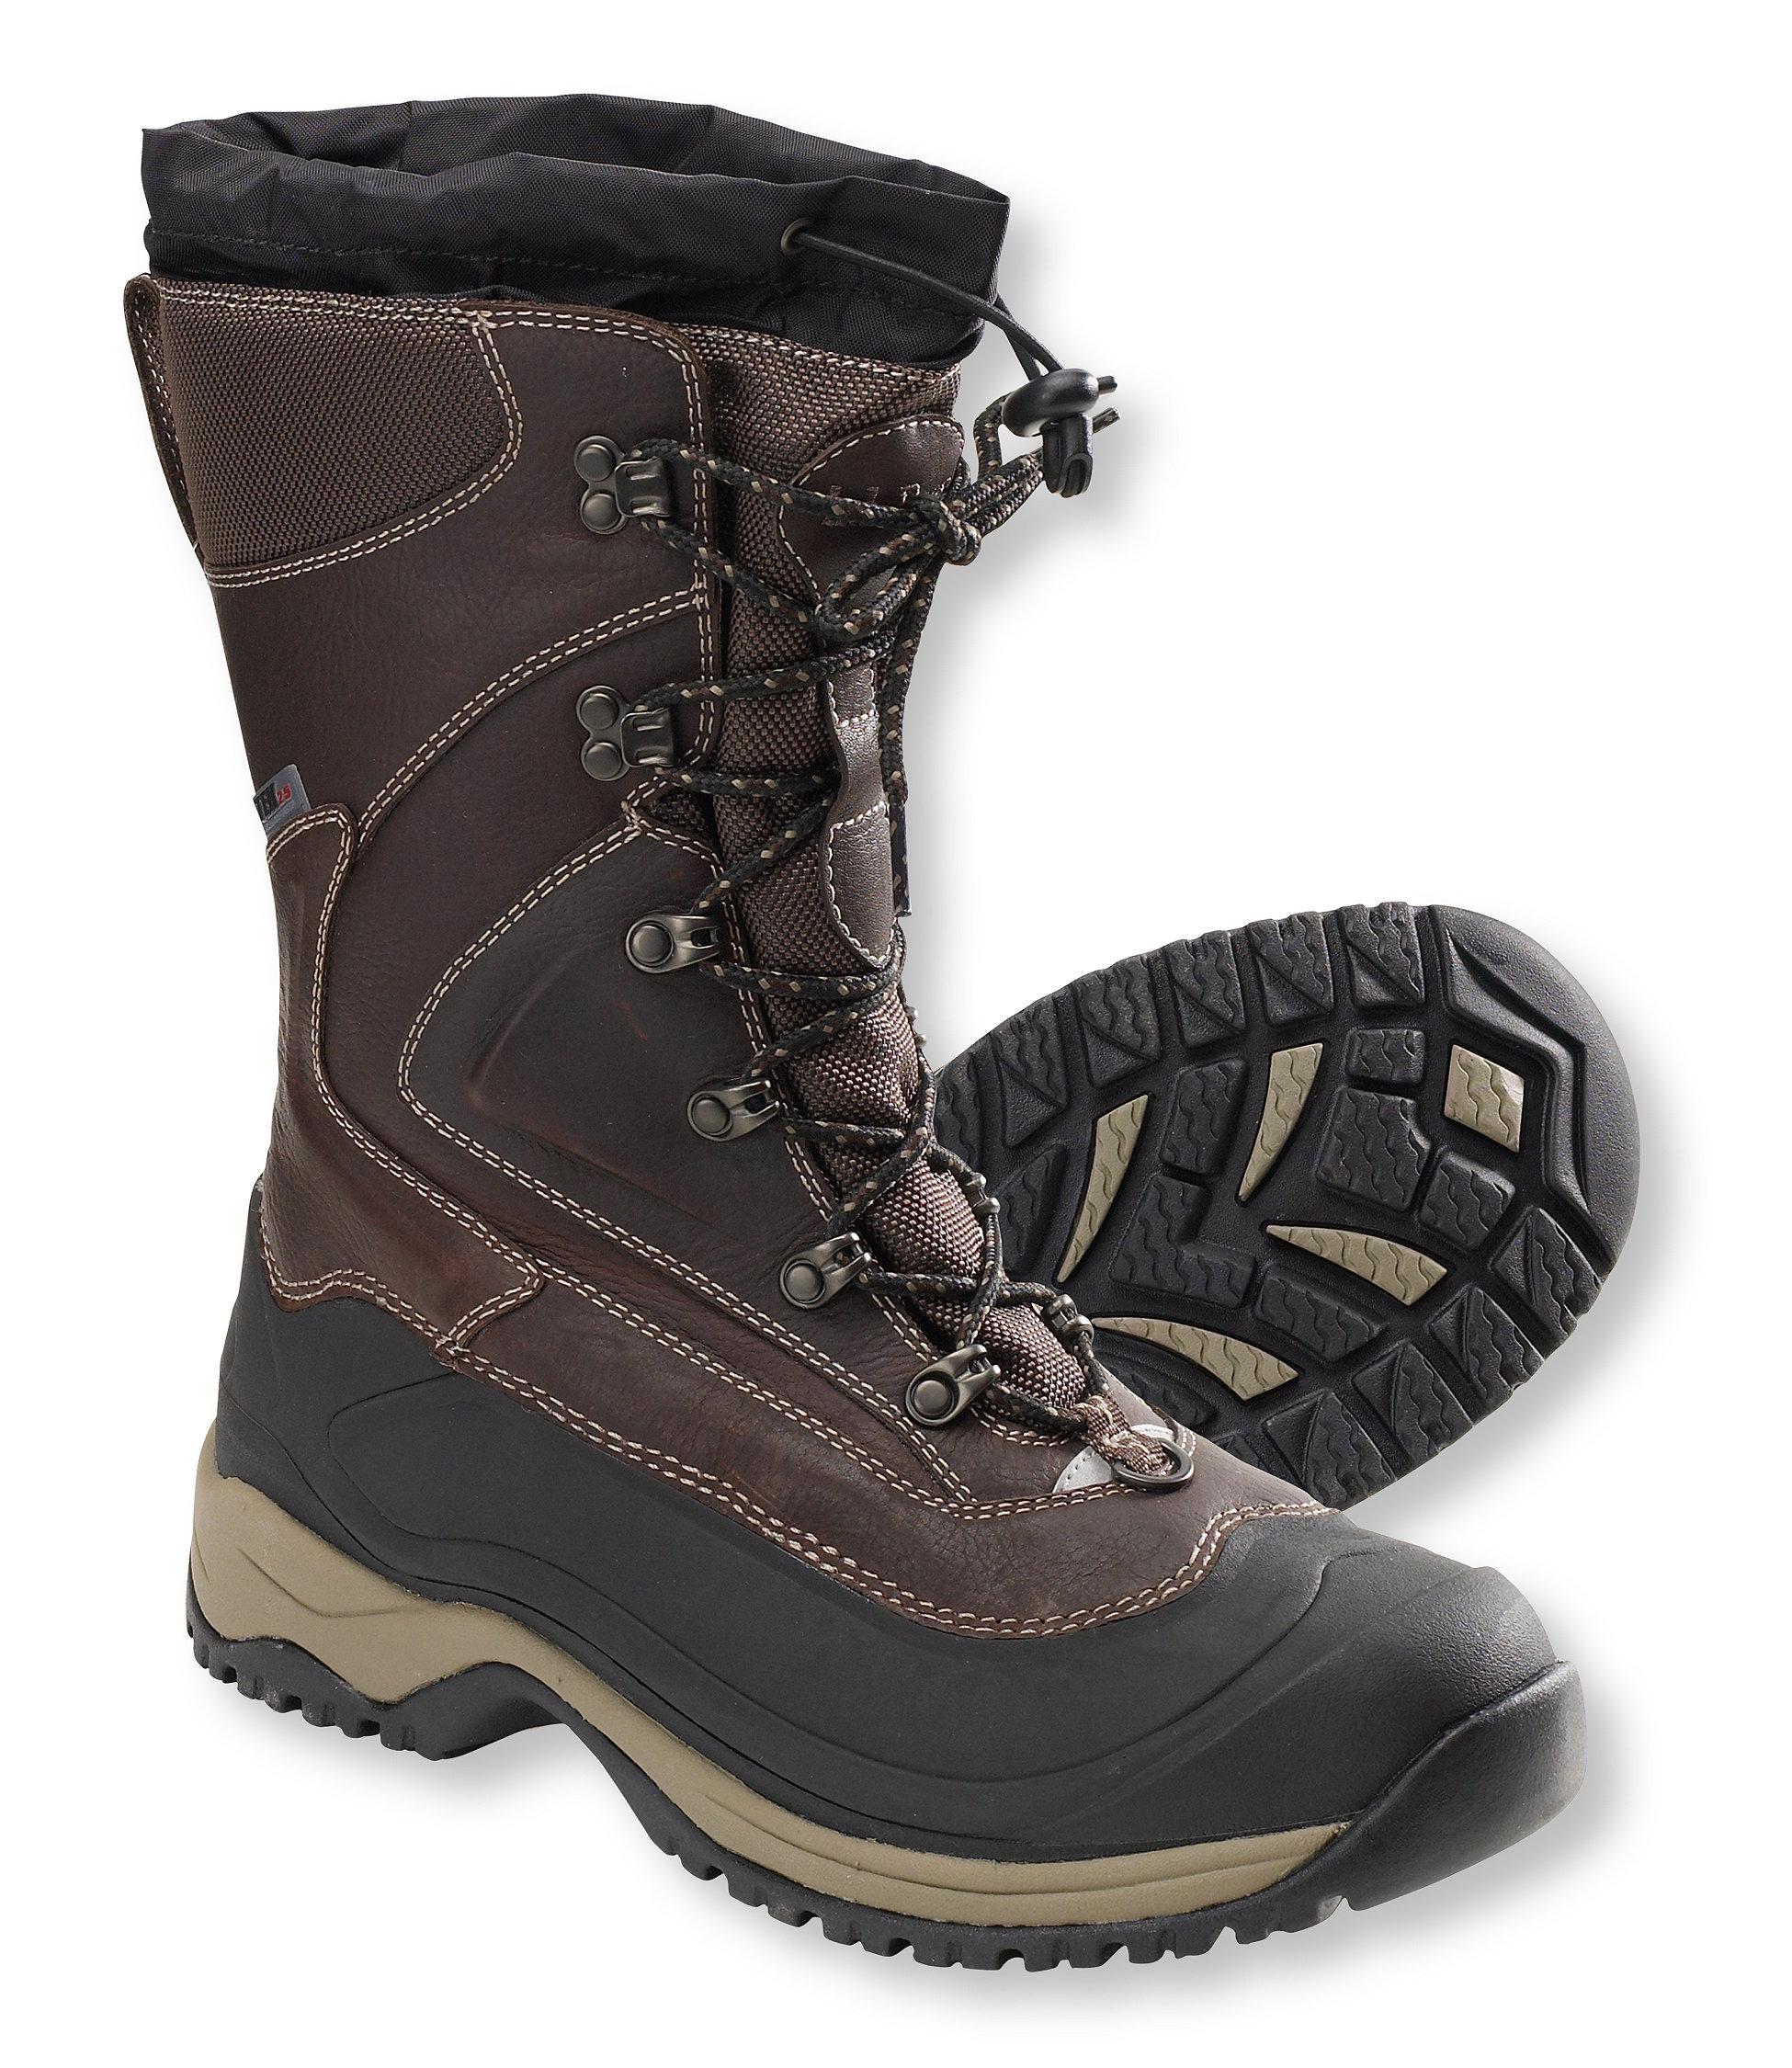 L.L.Bean Wildcat Pro Boots